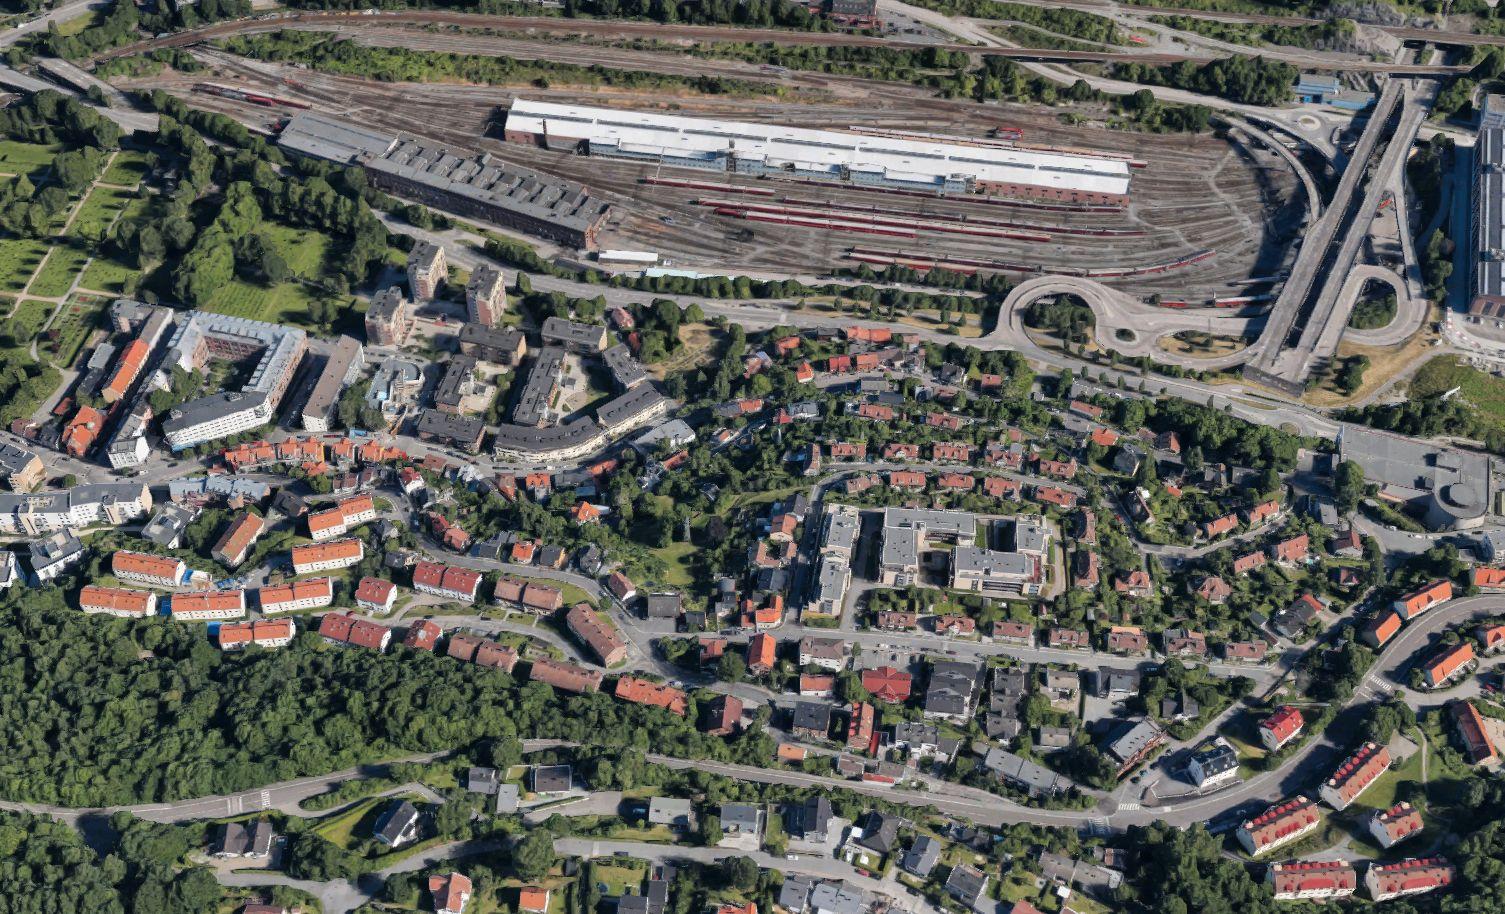 BA OM VANN: Det var i området mellom Kværnerdalen og Gamlebyen gravlund at den etterlyste mannen skal ha ringt på to leiligheter tidlig mandag morgen, ifølge et vitne VG har snakket med. Vitnene var lørdag til avhør hos politiet om opplysningene.